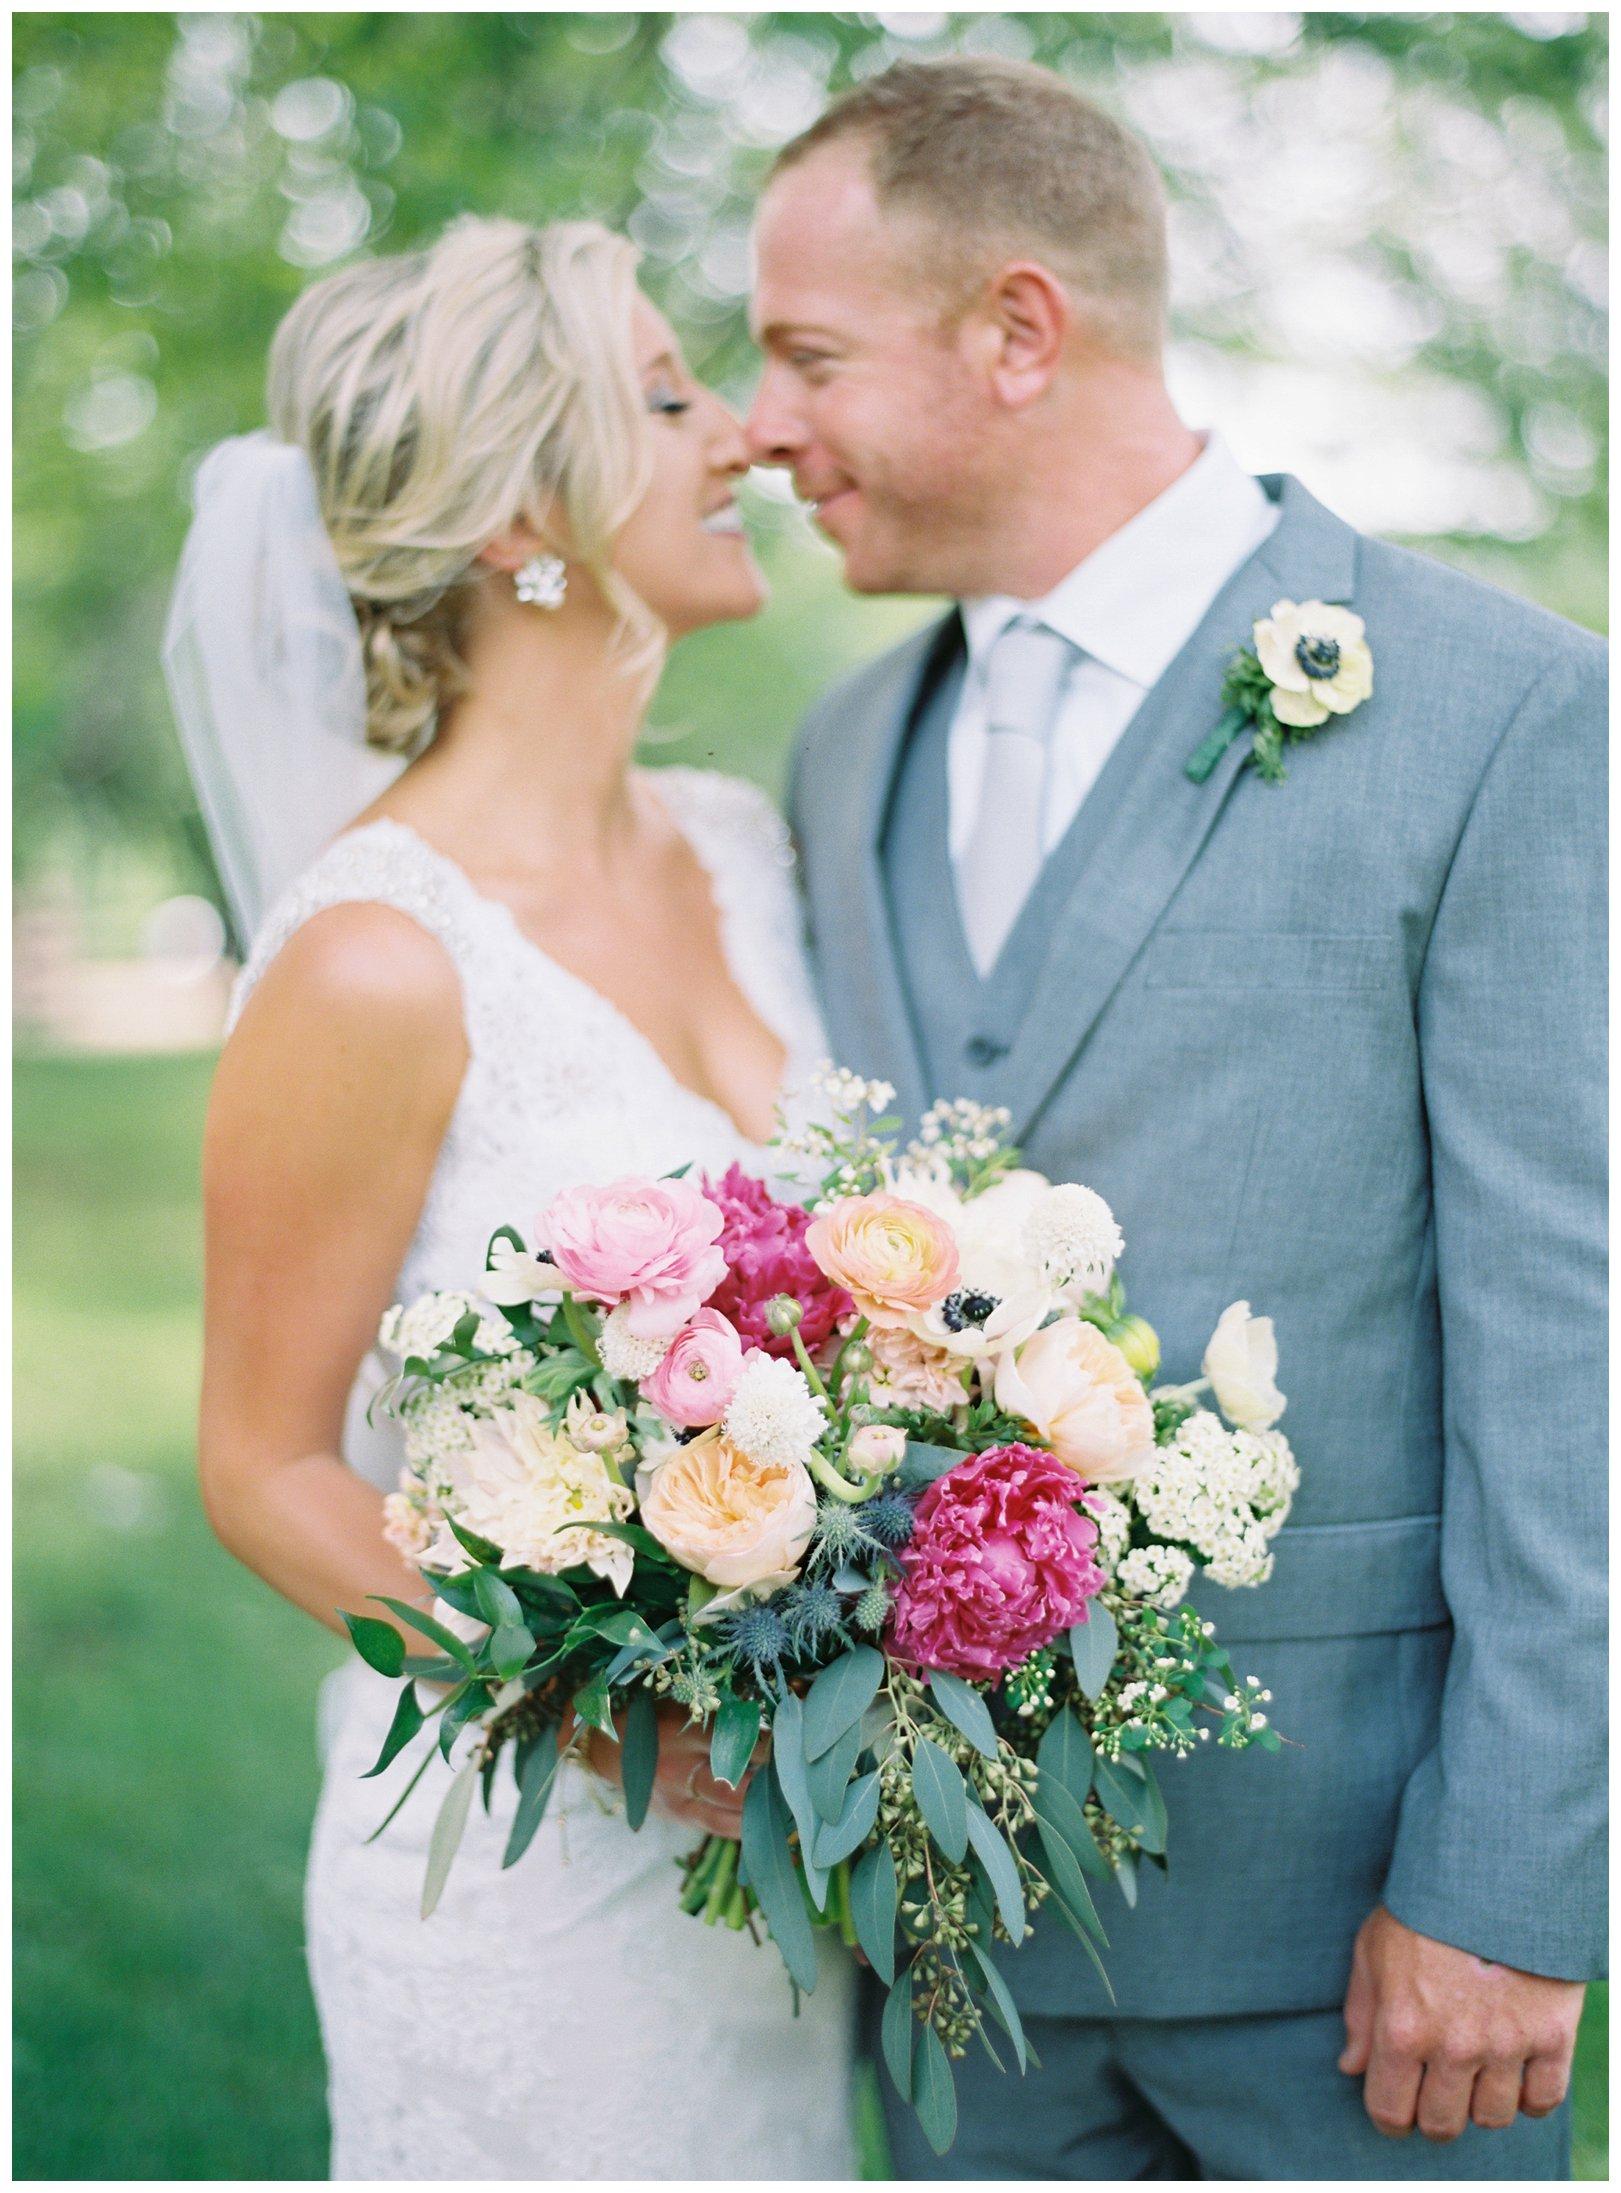 lauren muckler photography_fine art film wedding photography_st louis_photography_2373.jpg